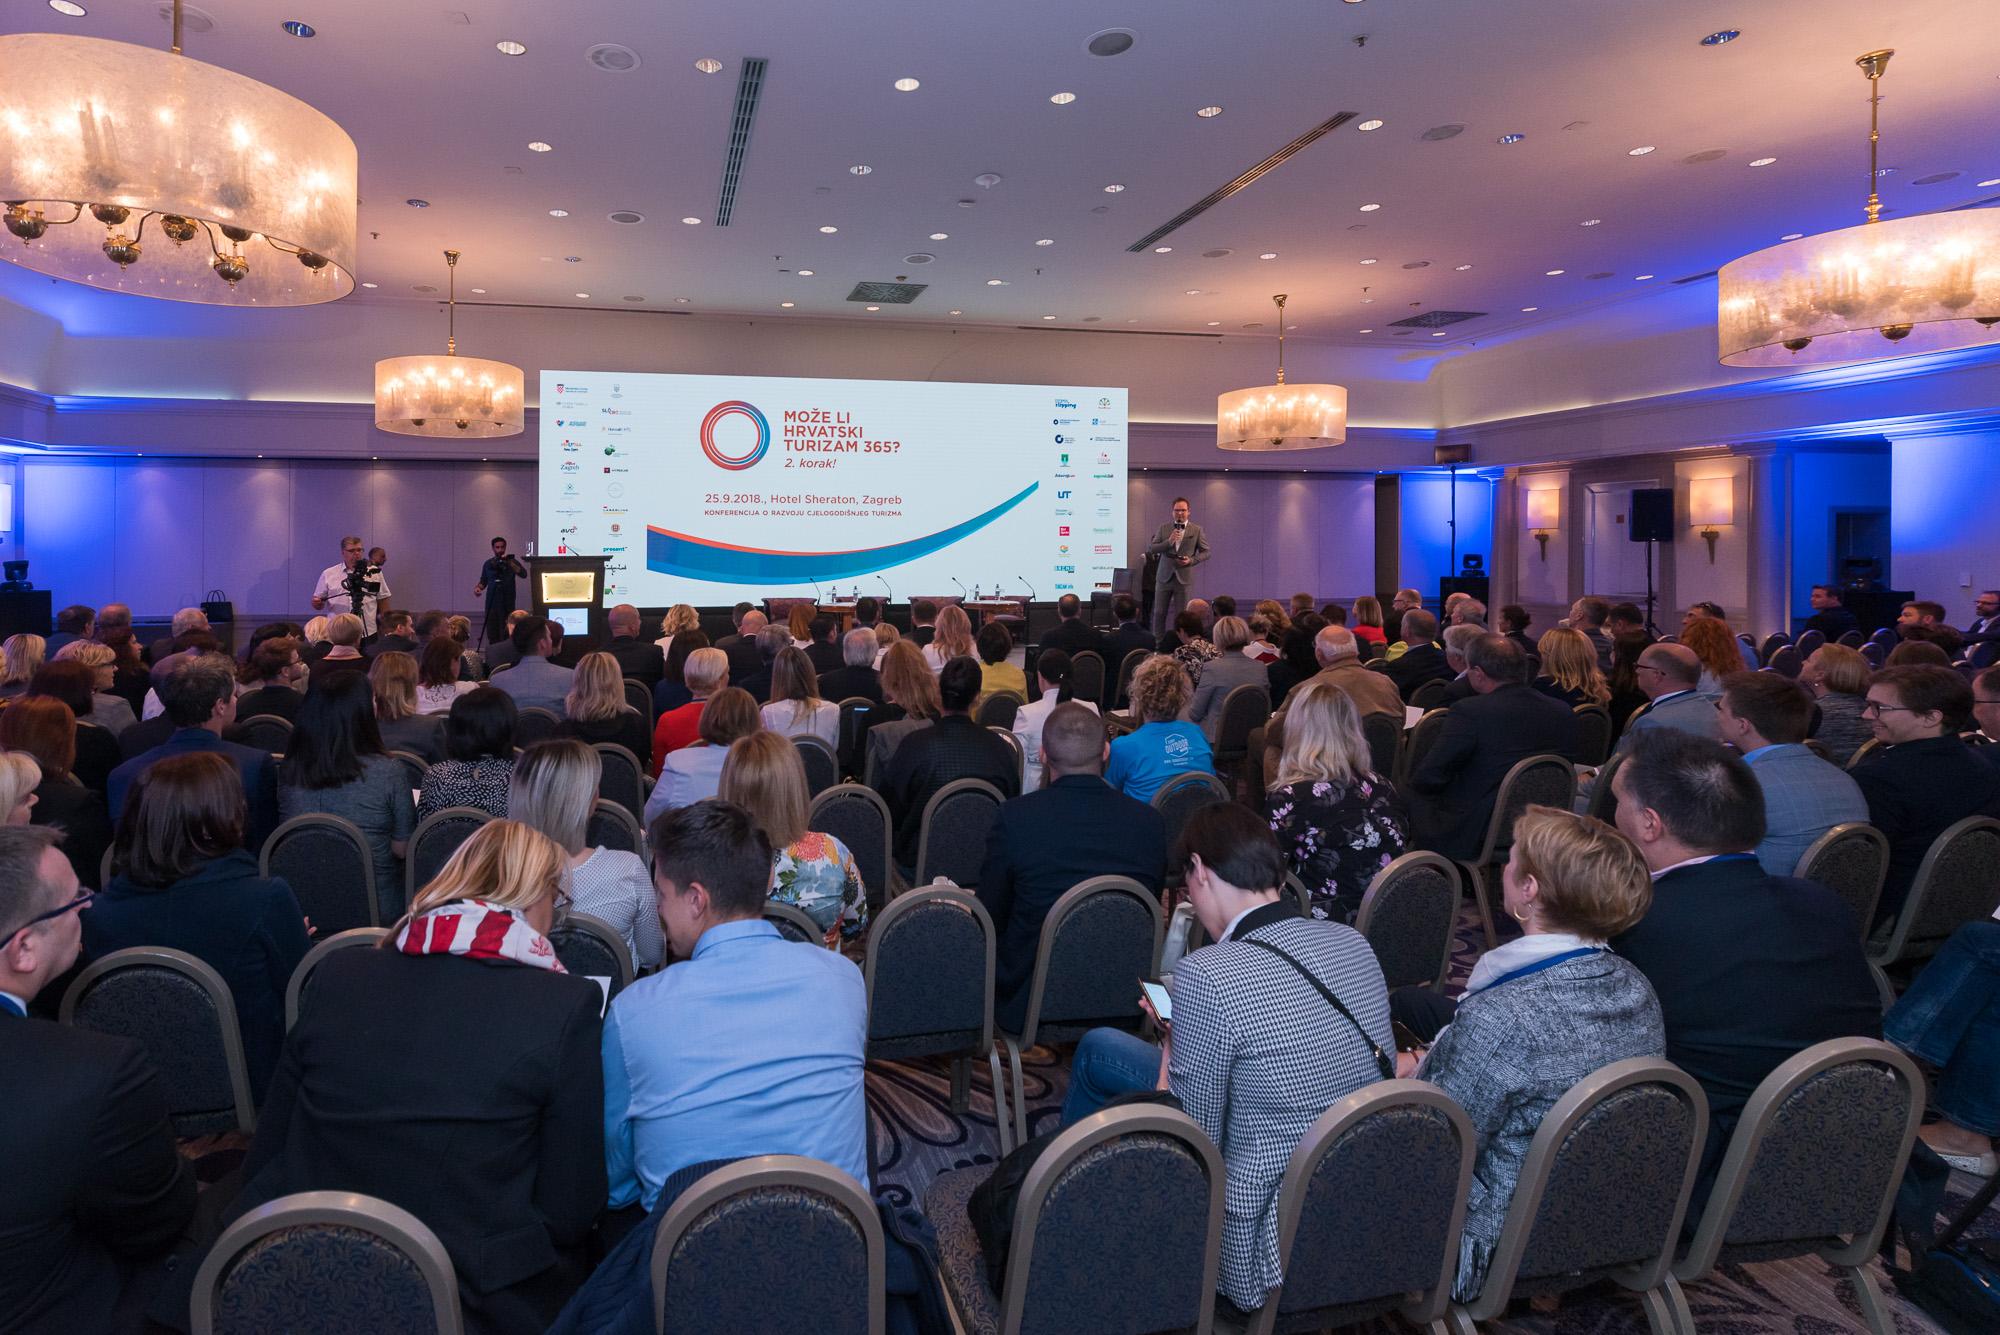 Konferencija 'Može li hrvatski turizam 365?'